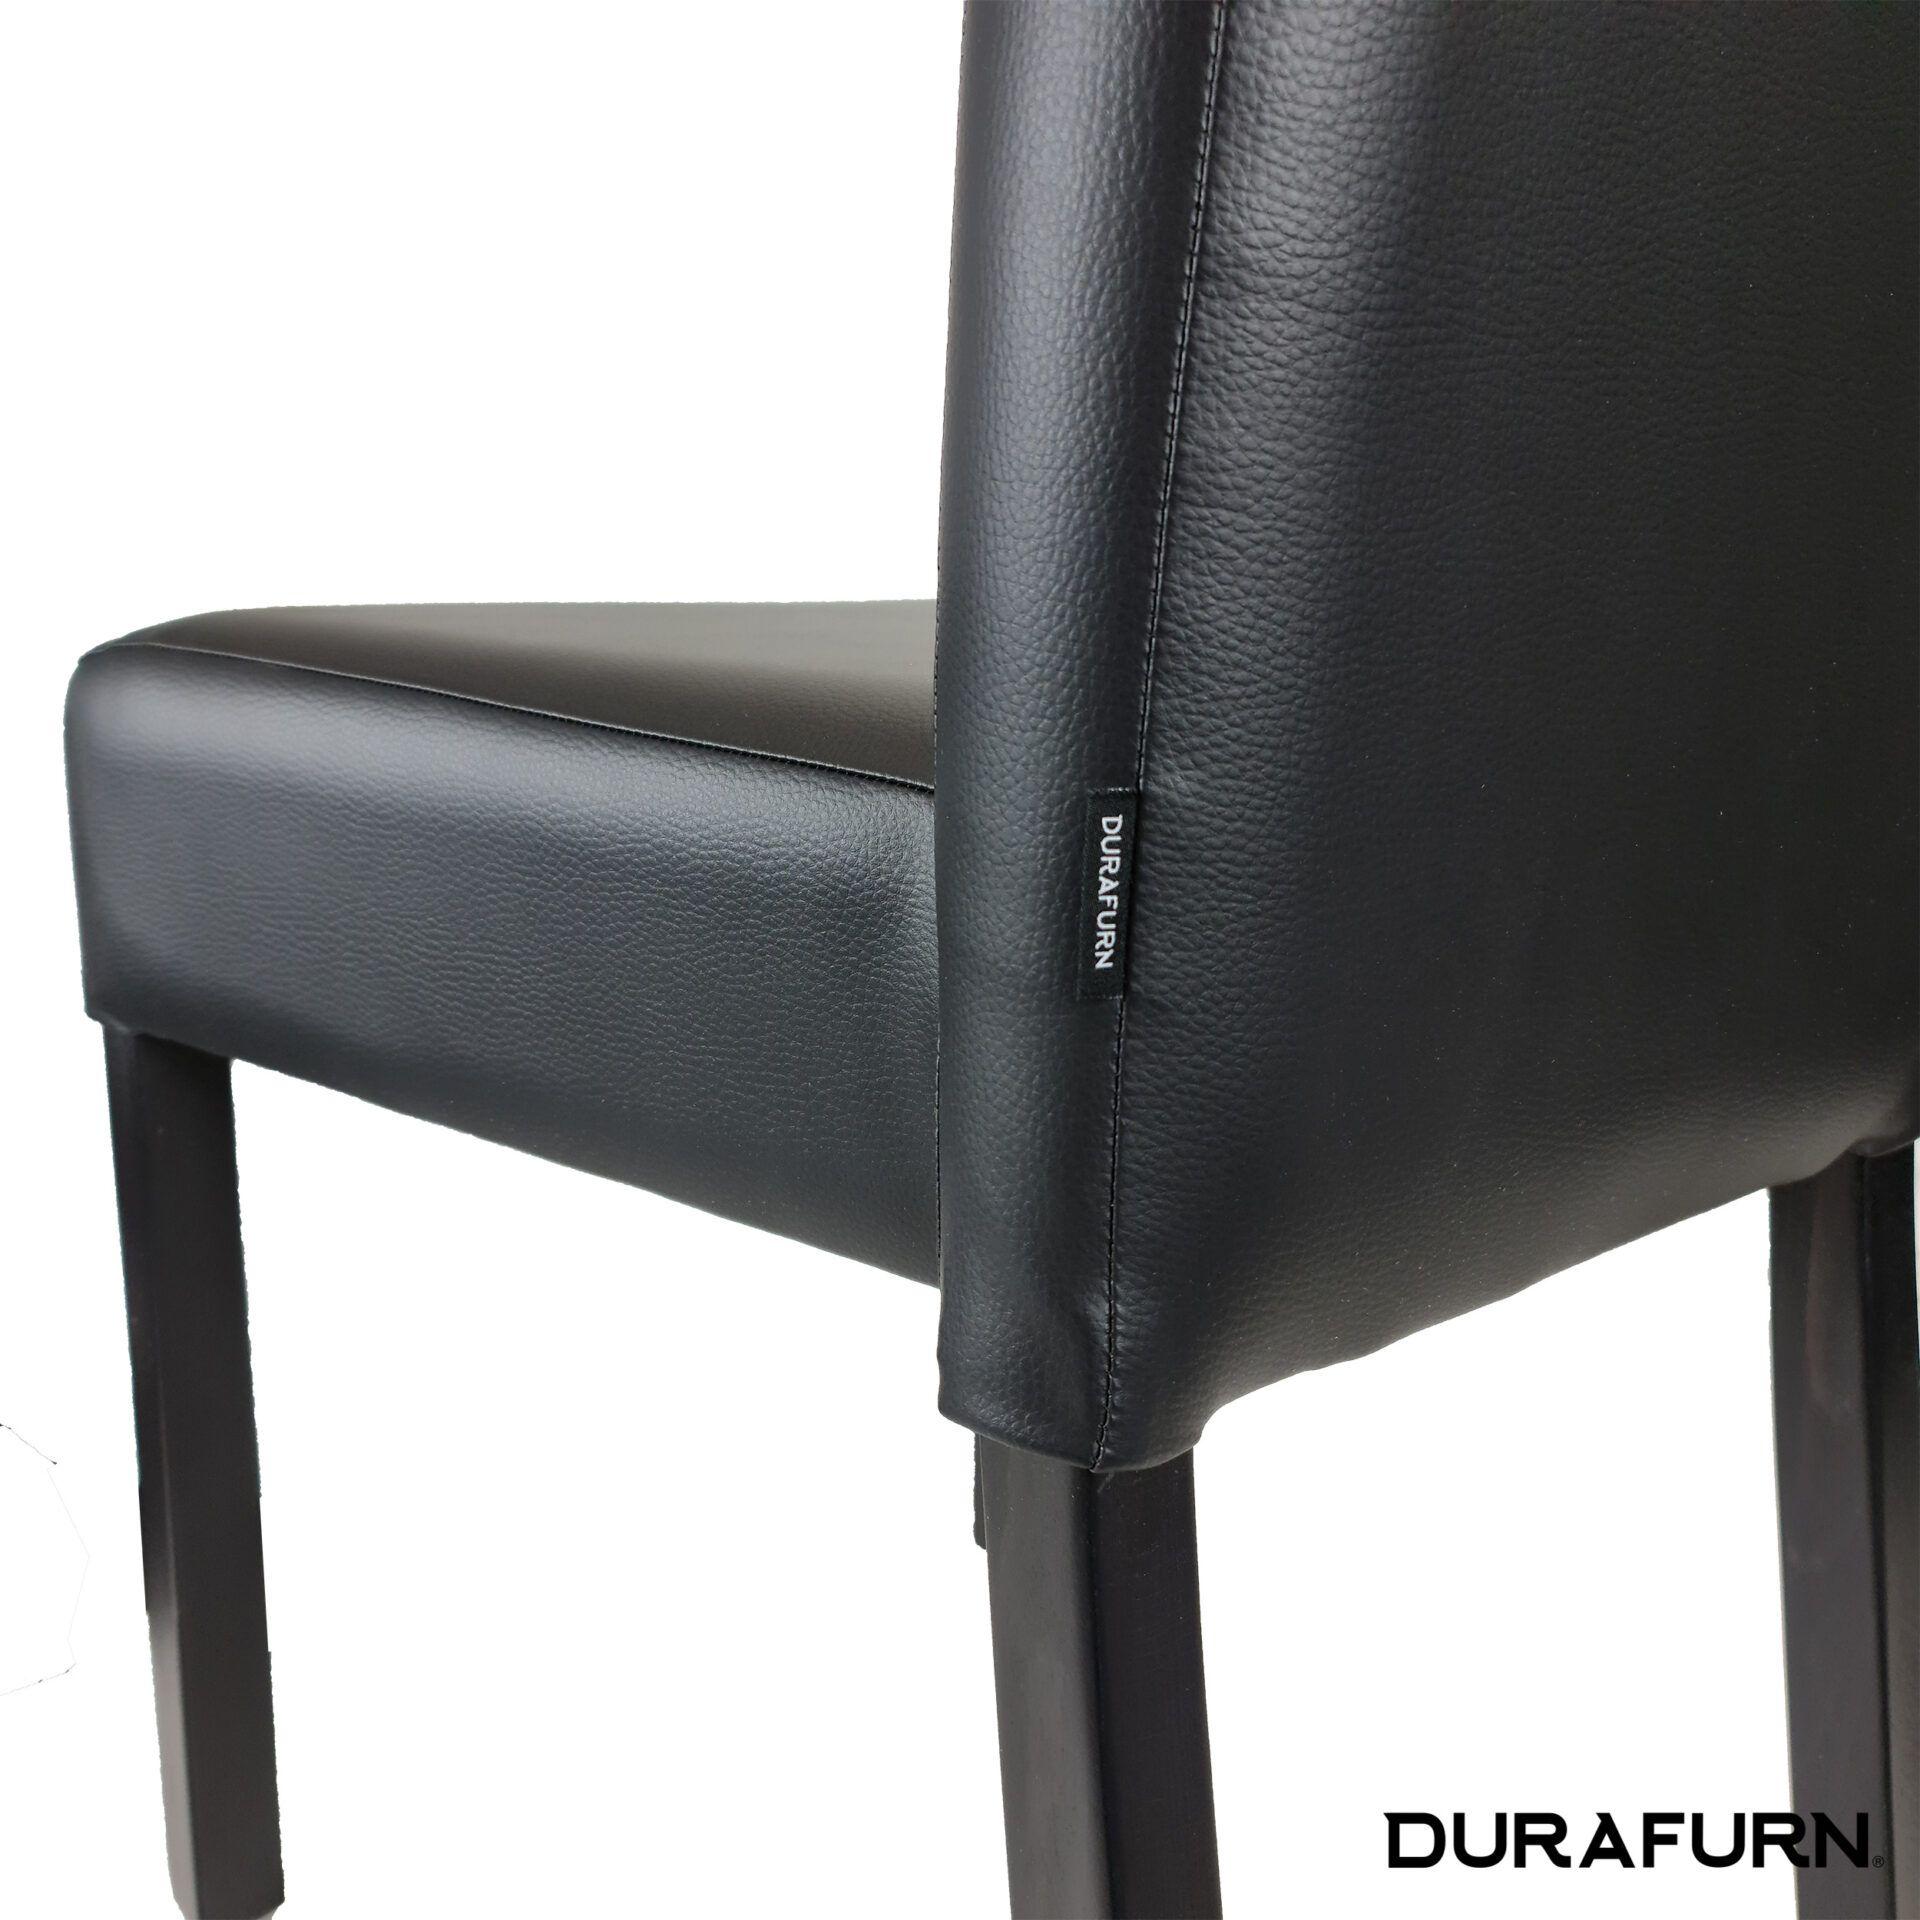 vettro chair detail